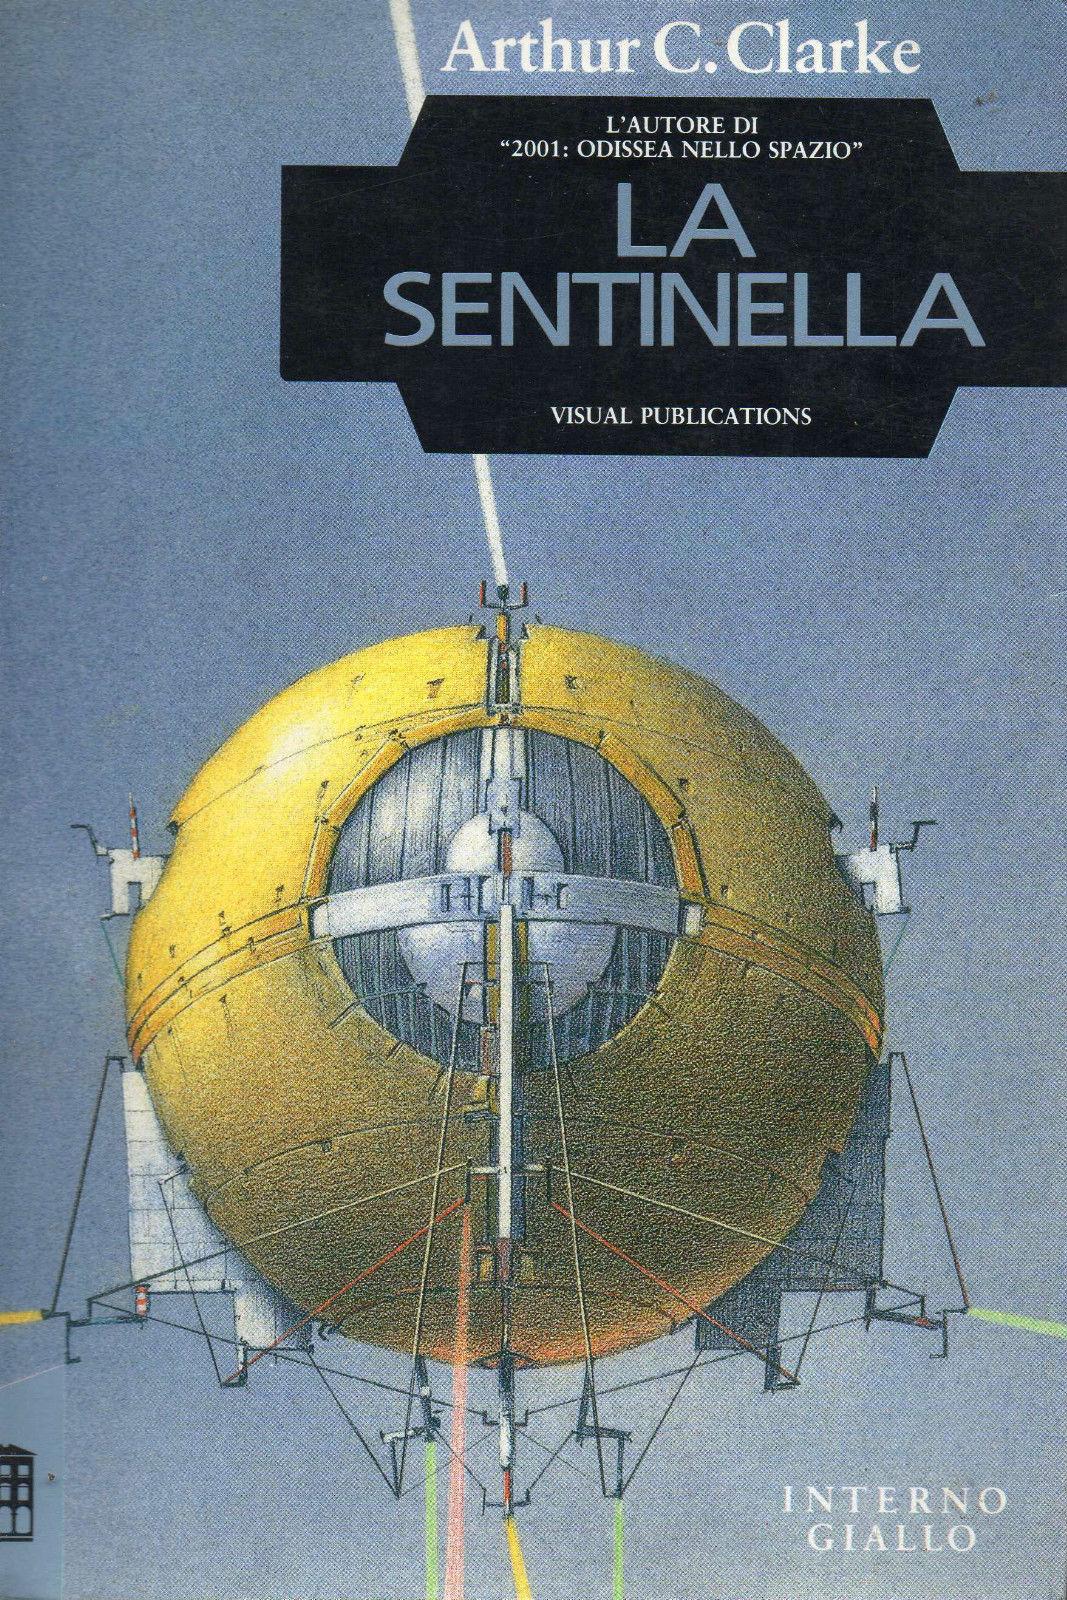 La Sentinella e altri racconti di A.C.Clarke illustrati da Lebbeus Woods – Prima edizione italiana